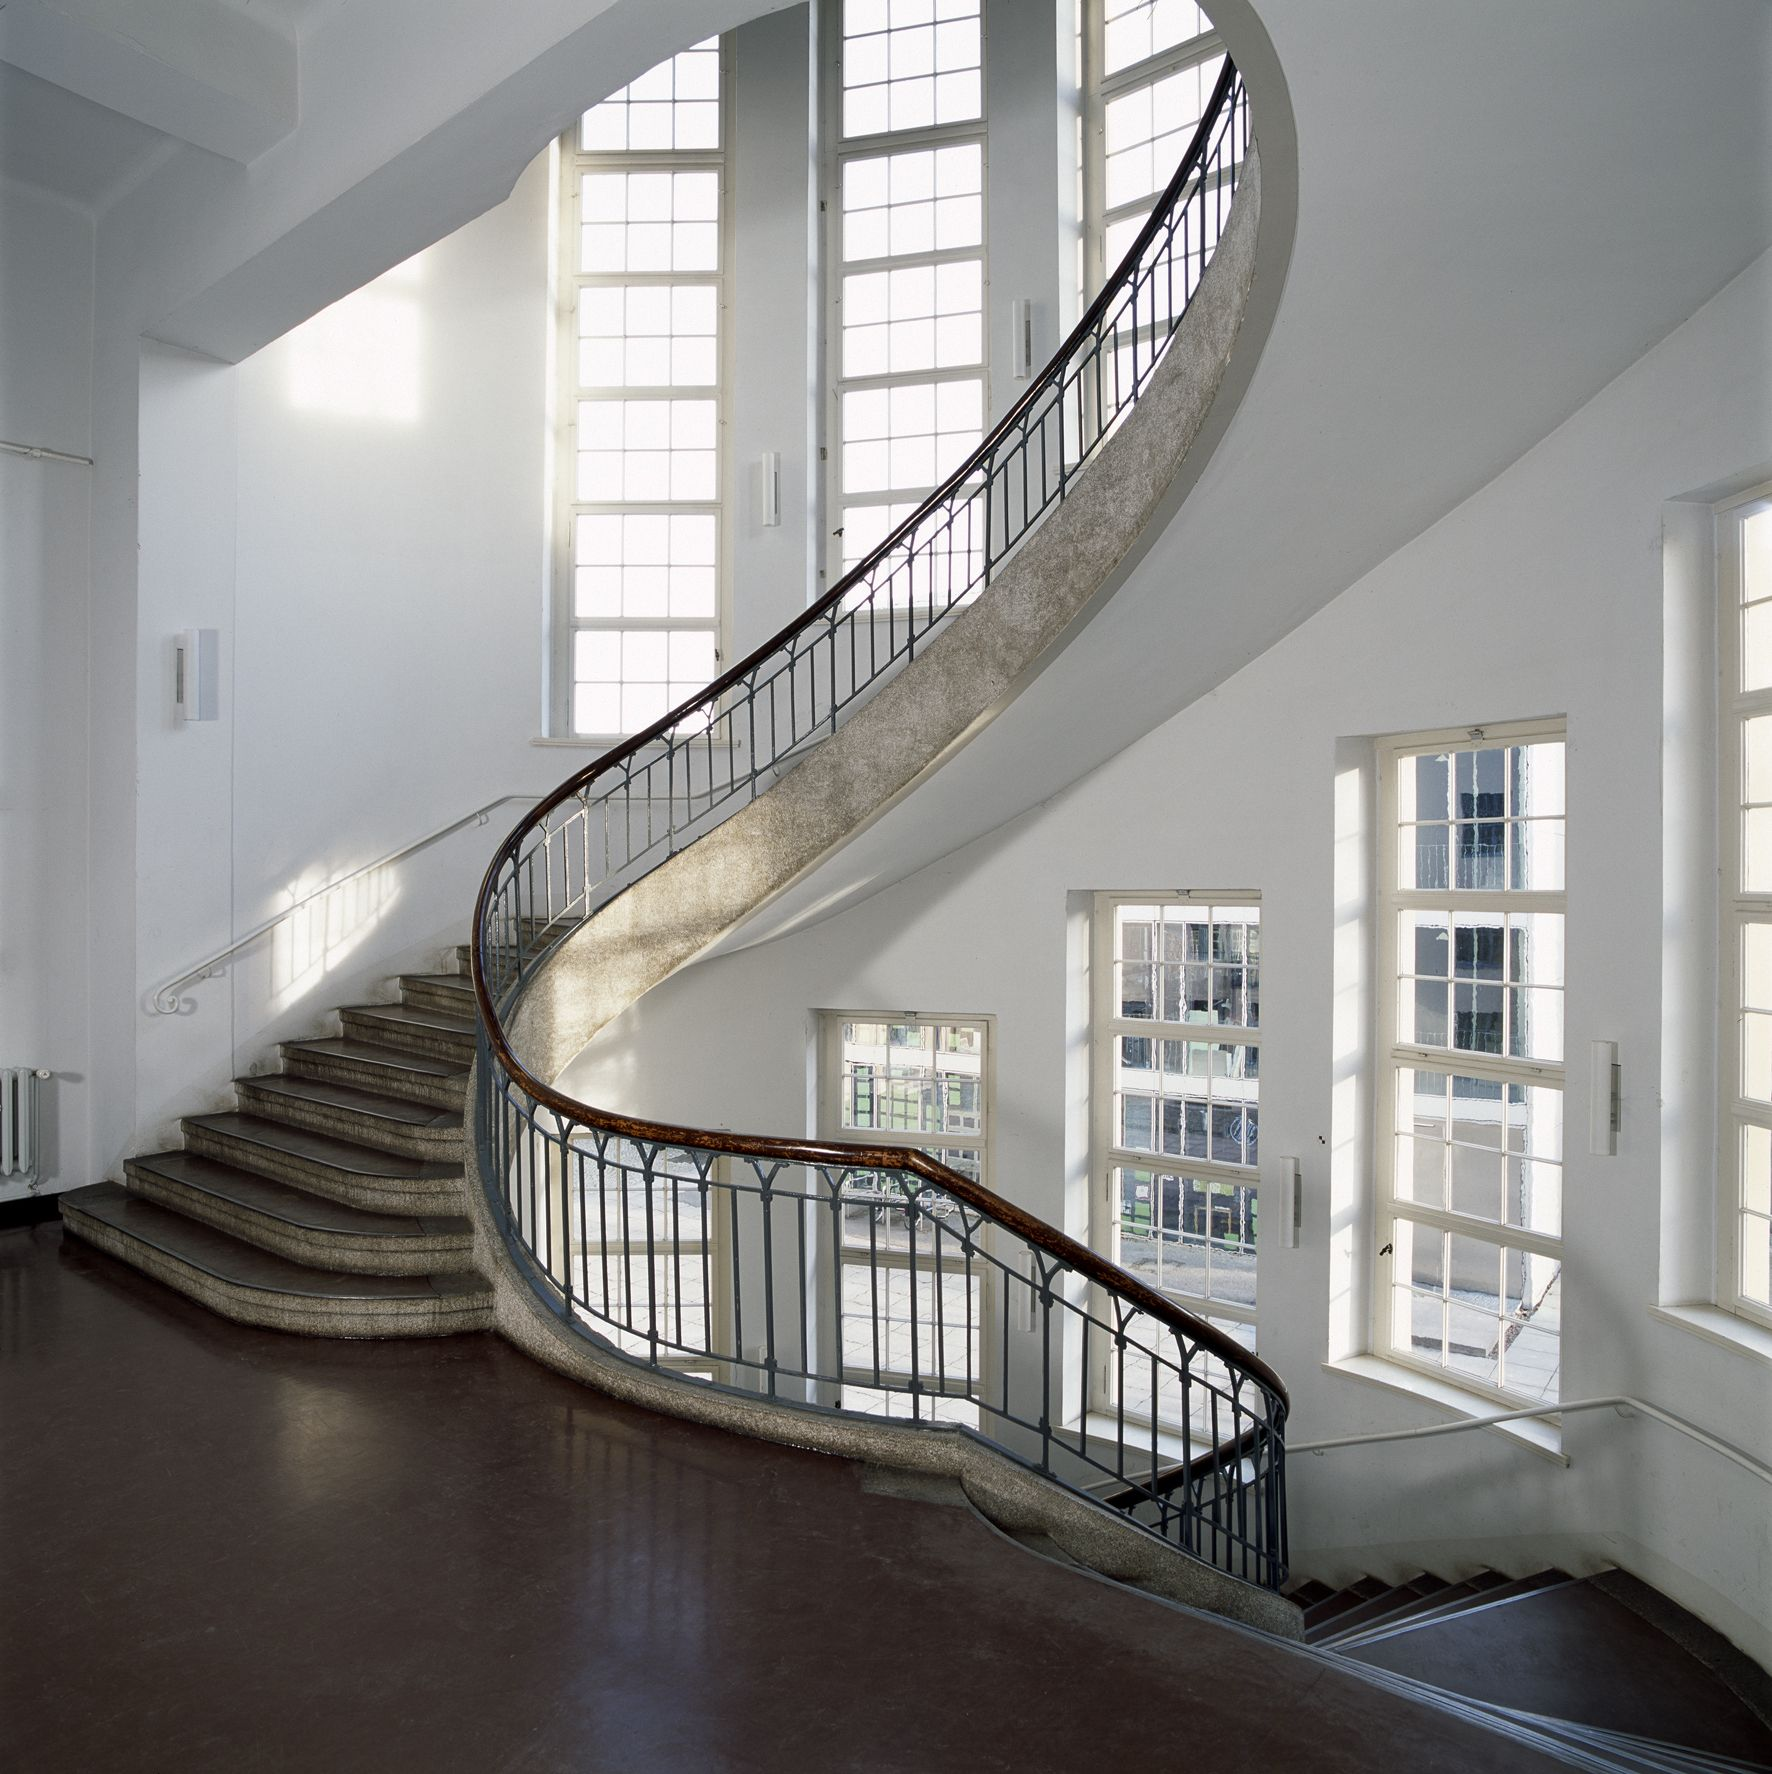 Guide to Weimar Bauhaus architecture, Bauhaus interior